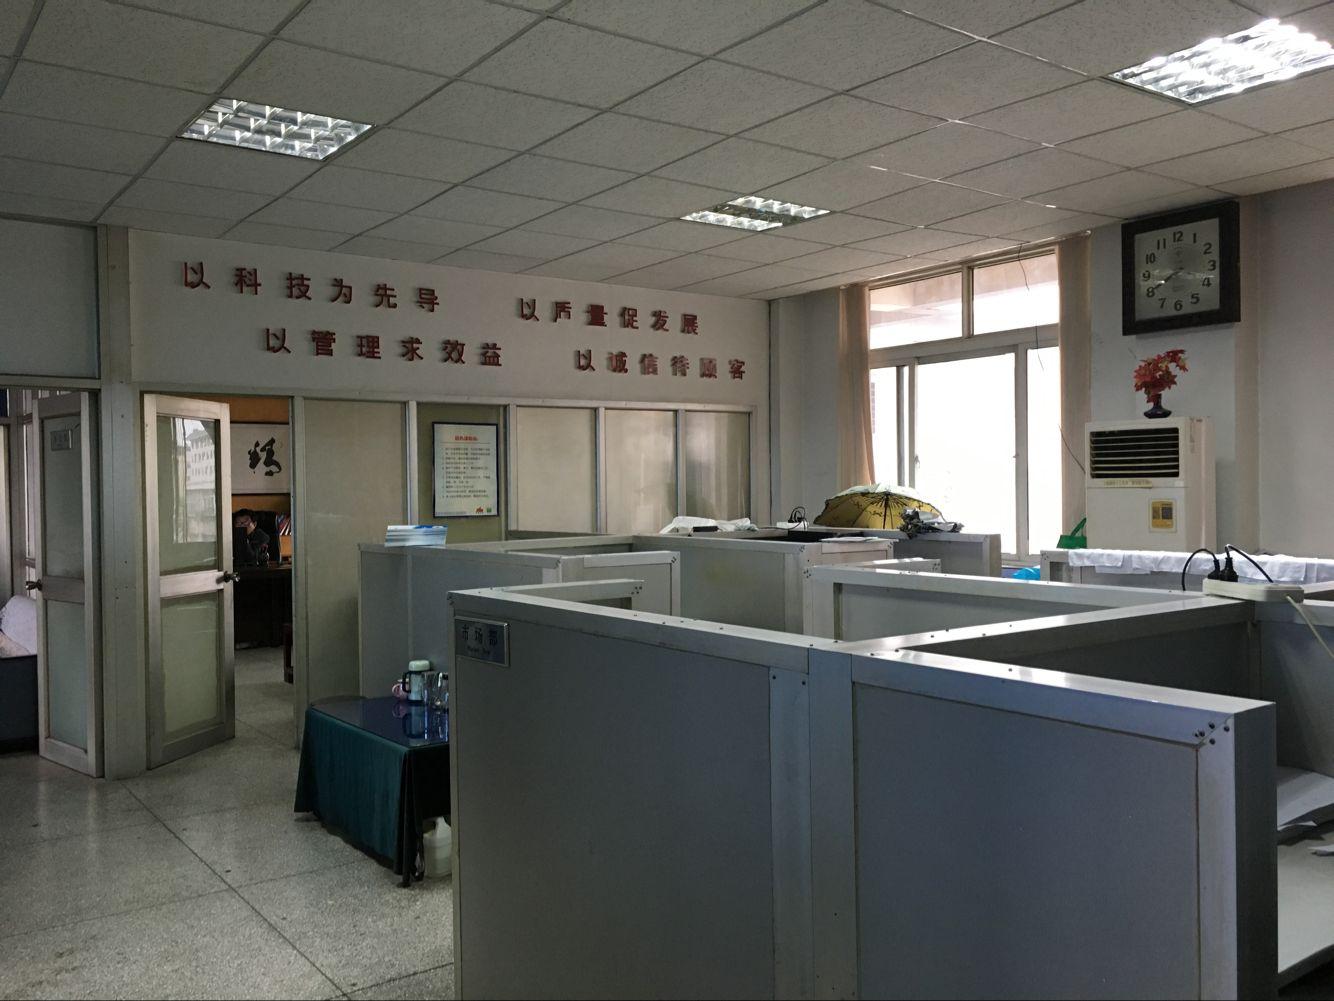 环境展示-西安jbo竞博体育设备厂家